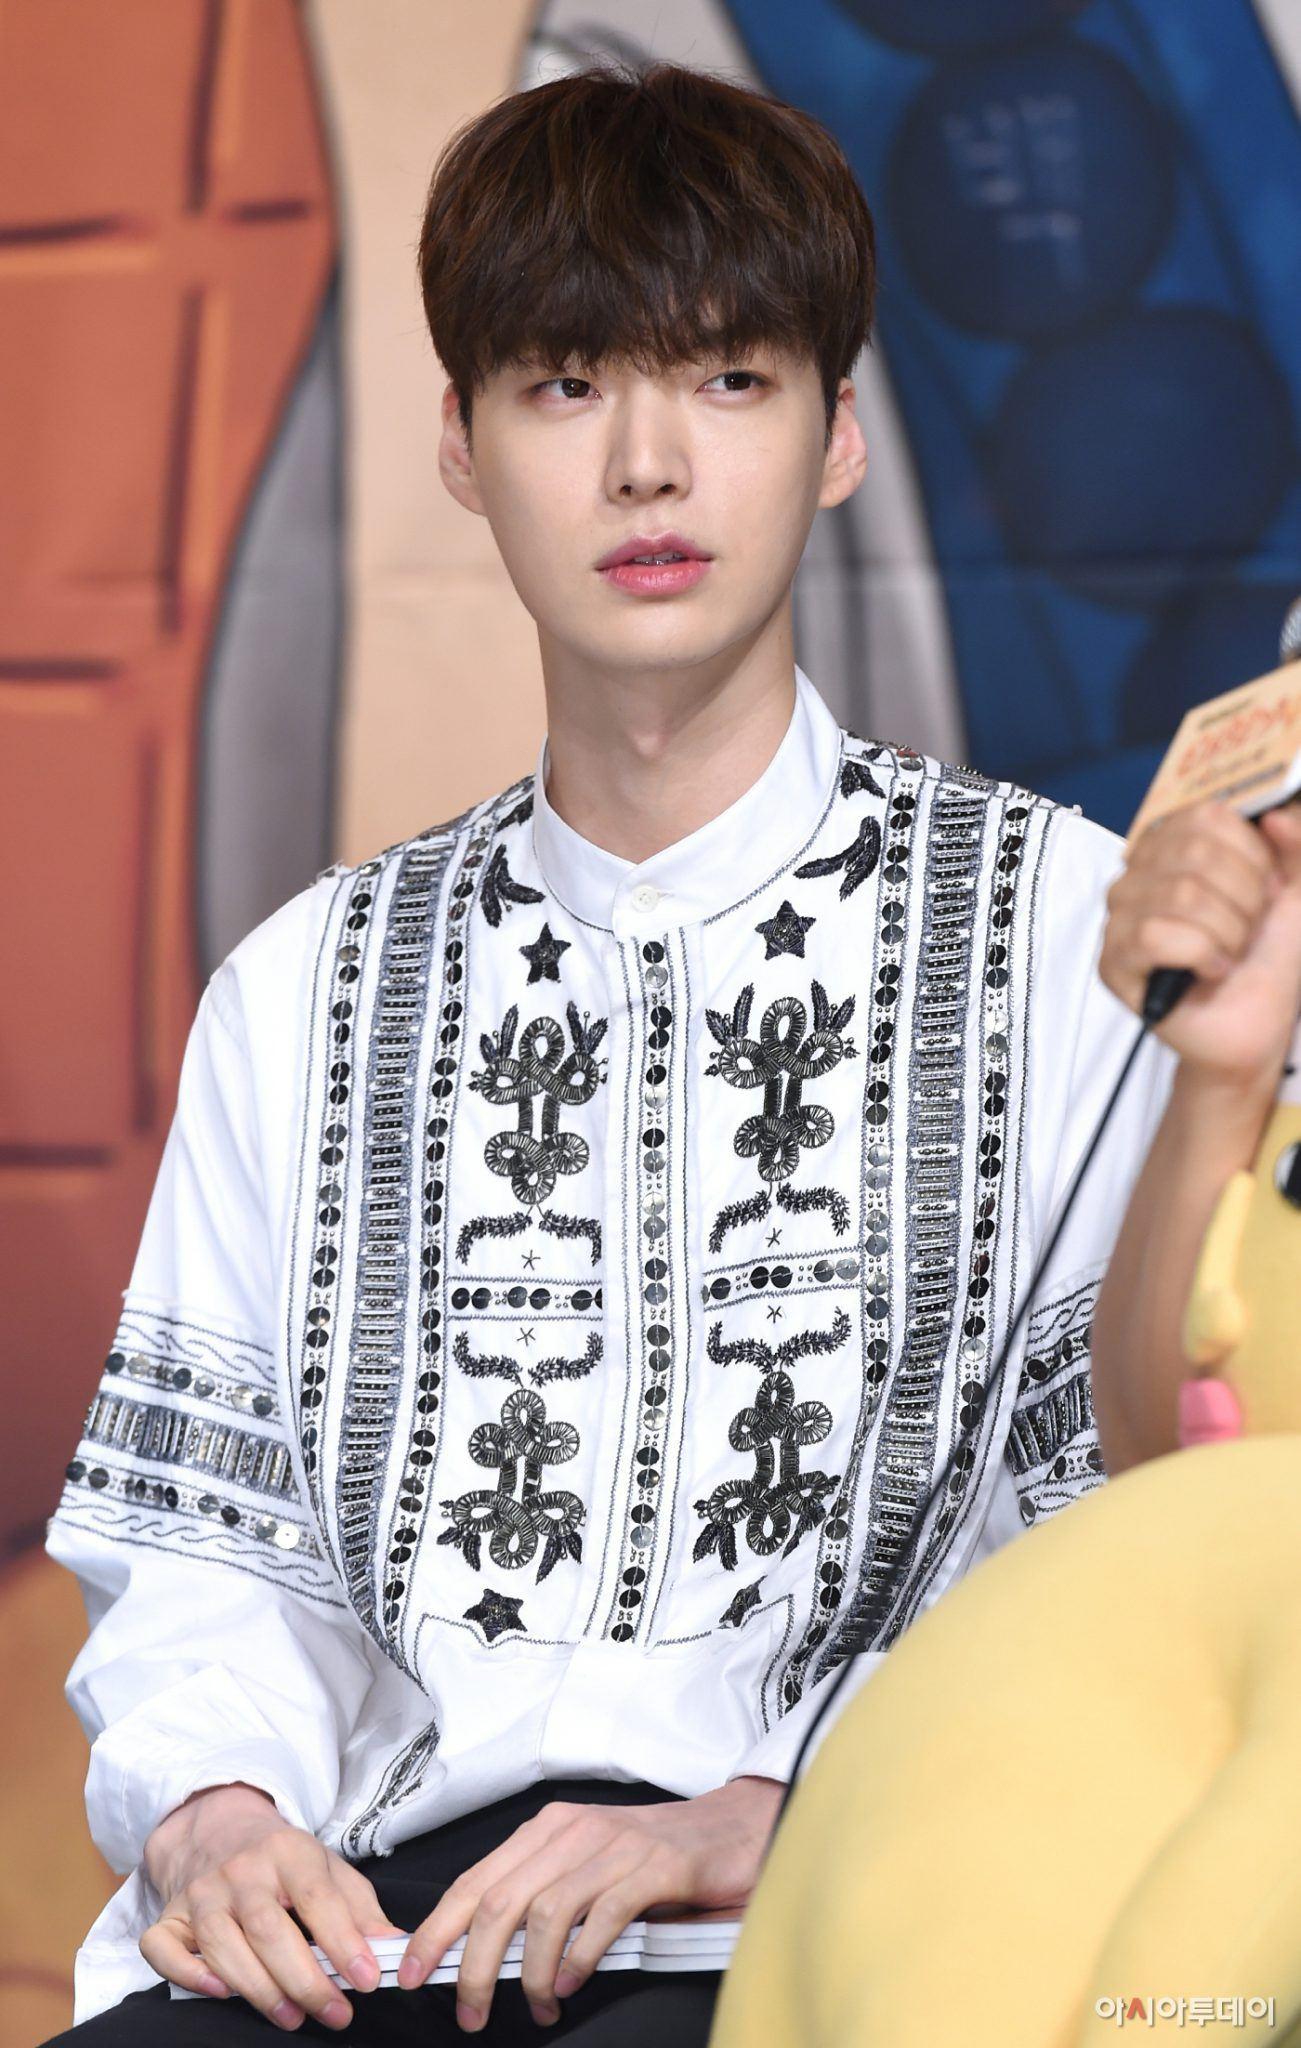 Ahn Jae Hyun nhận 'quả đắng' đầu tiên vì bị cho là có 'nhân cách tệ hại' 1